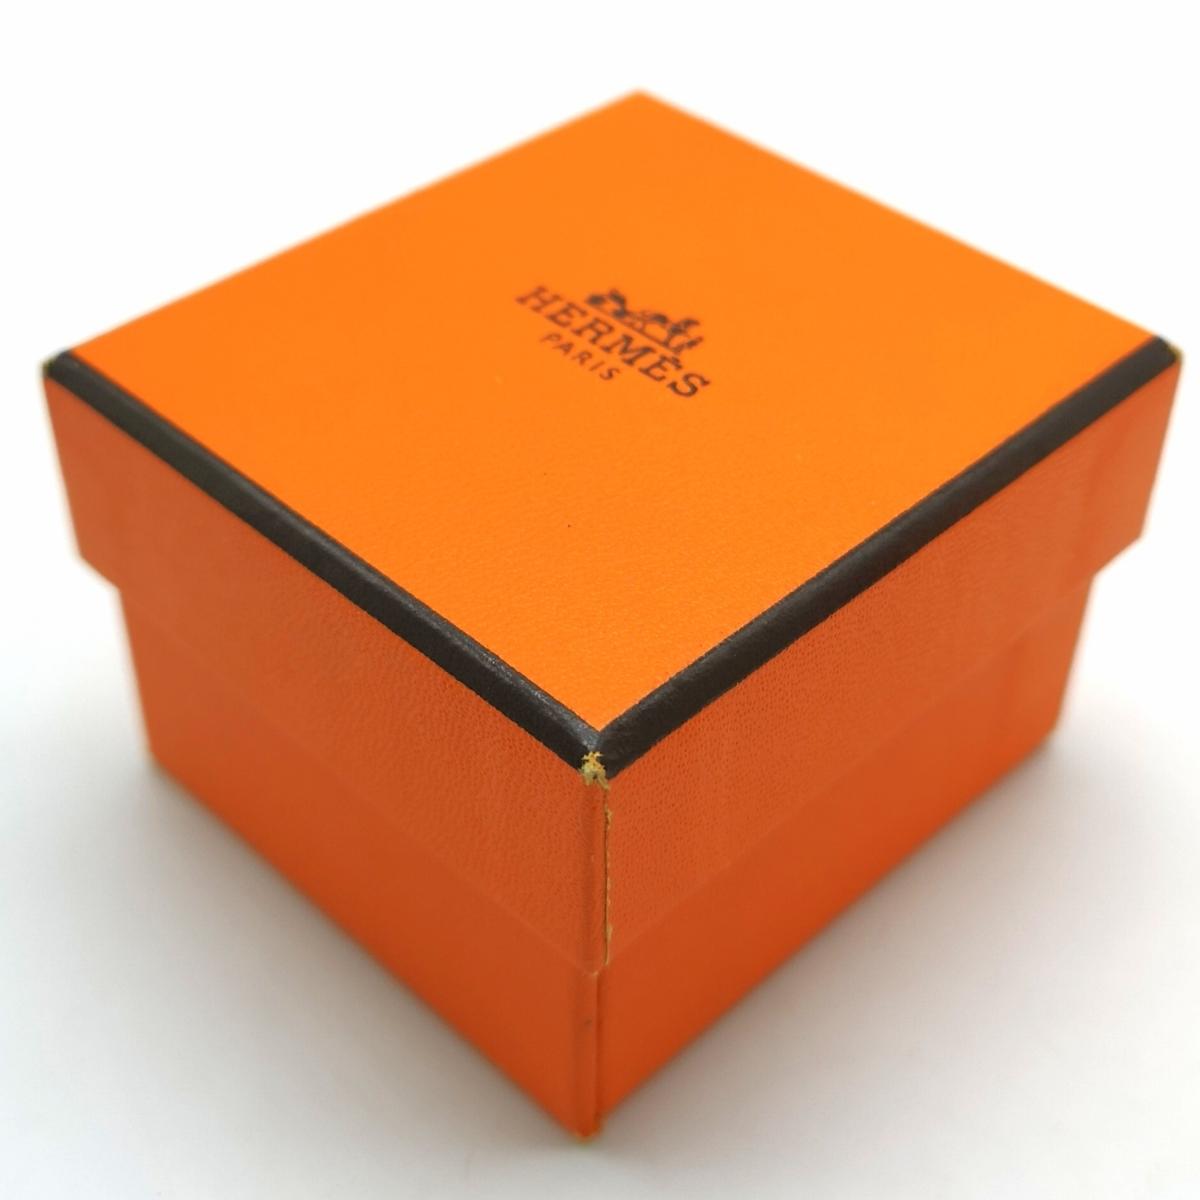 ◆HERMES ヒストリーリング◆ 箱付き/サイズ: 53/SV925×K18YG/Hロゴ/エルメス/レディース/アクセサリー/ジュエリー/ブランド品/DH0_画像9